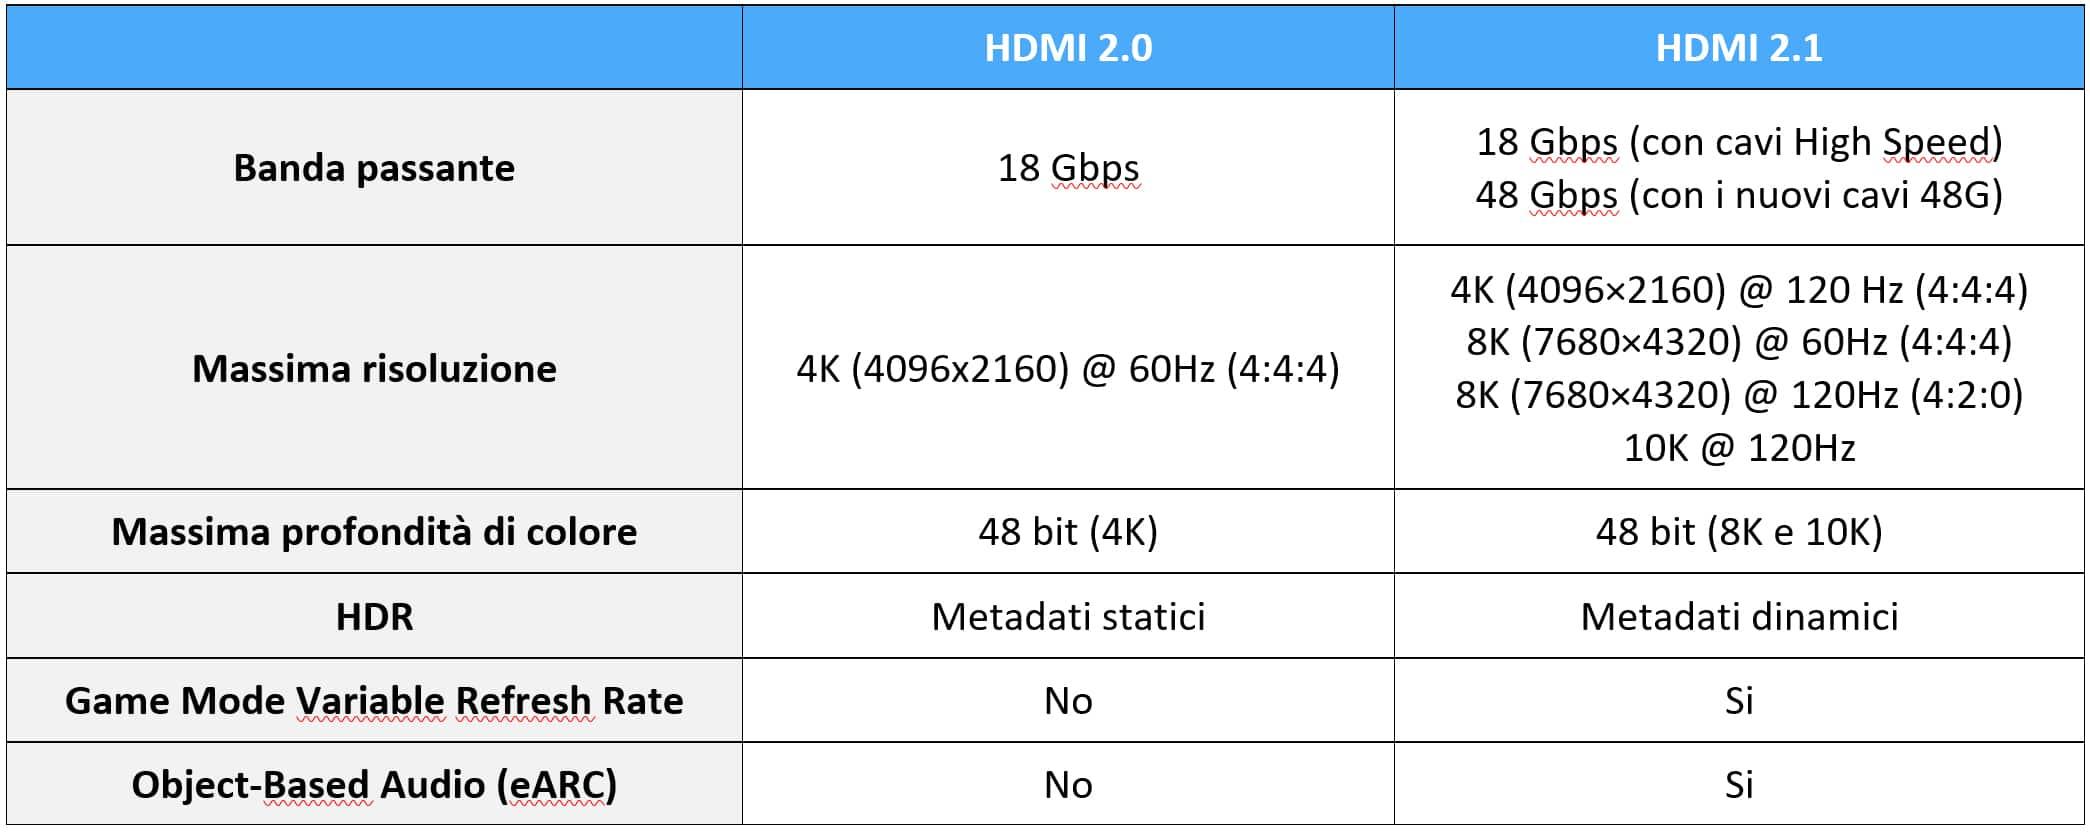 hdmi 2.0 vs 2.1